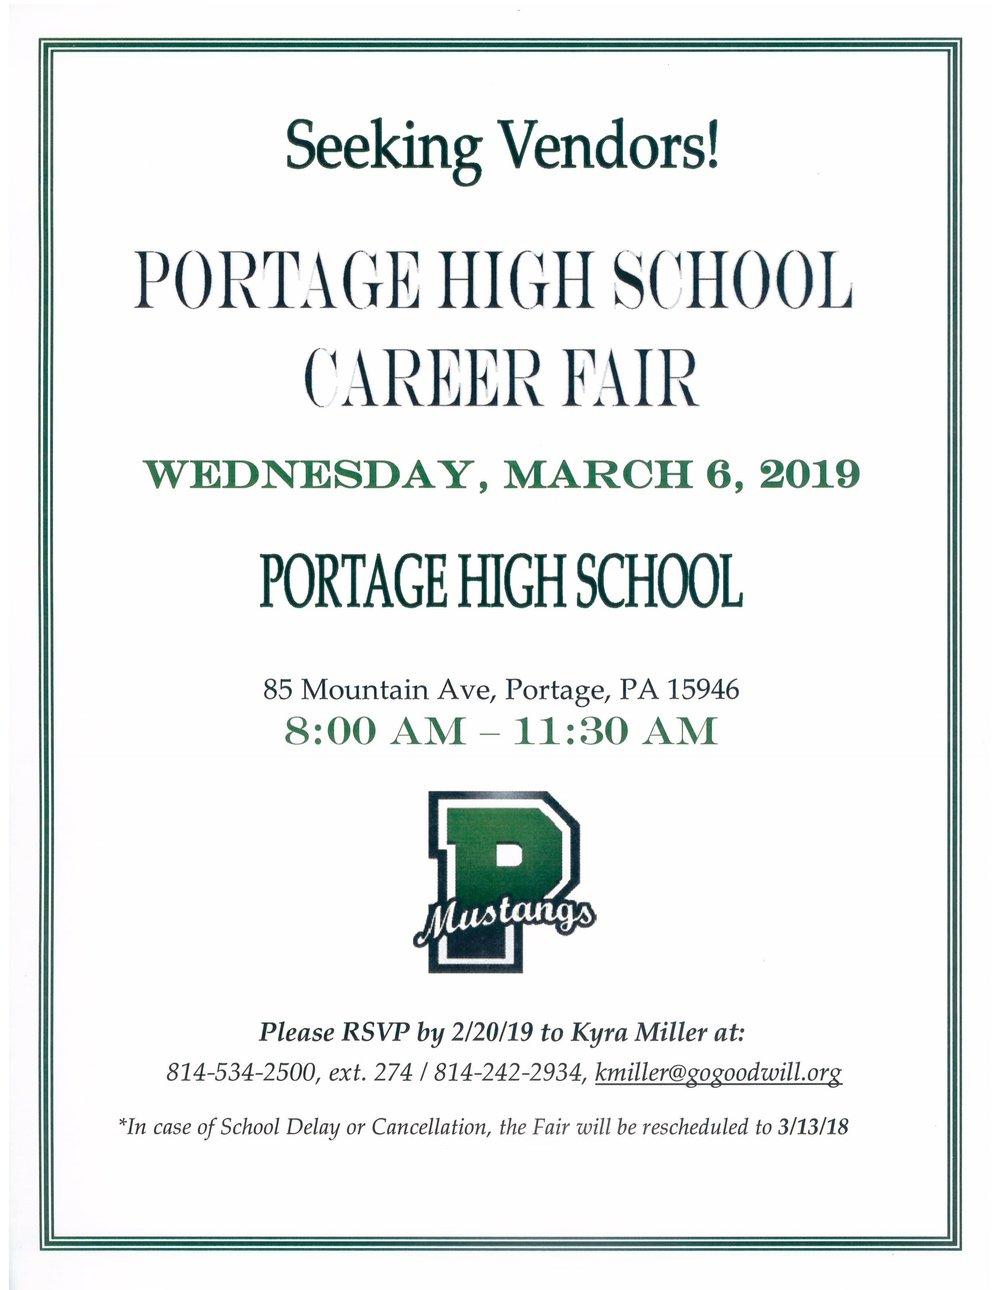 Portage High School Career Fair.3.6.18.jpg